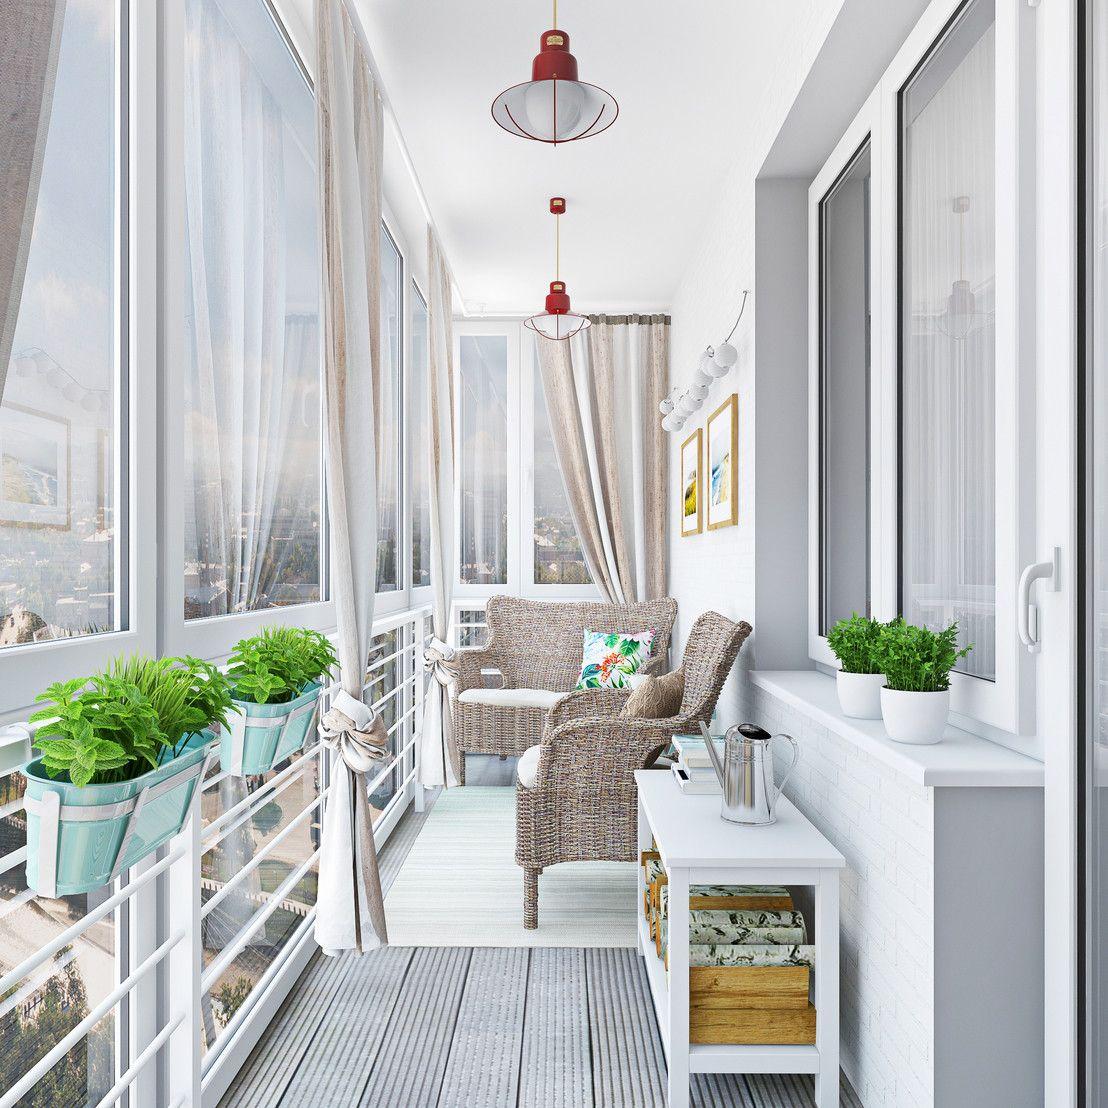 дизайн интерьера балкона фото 18